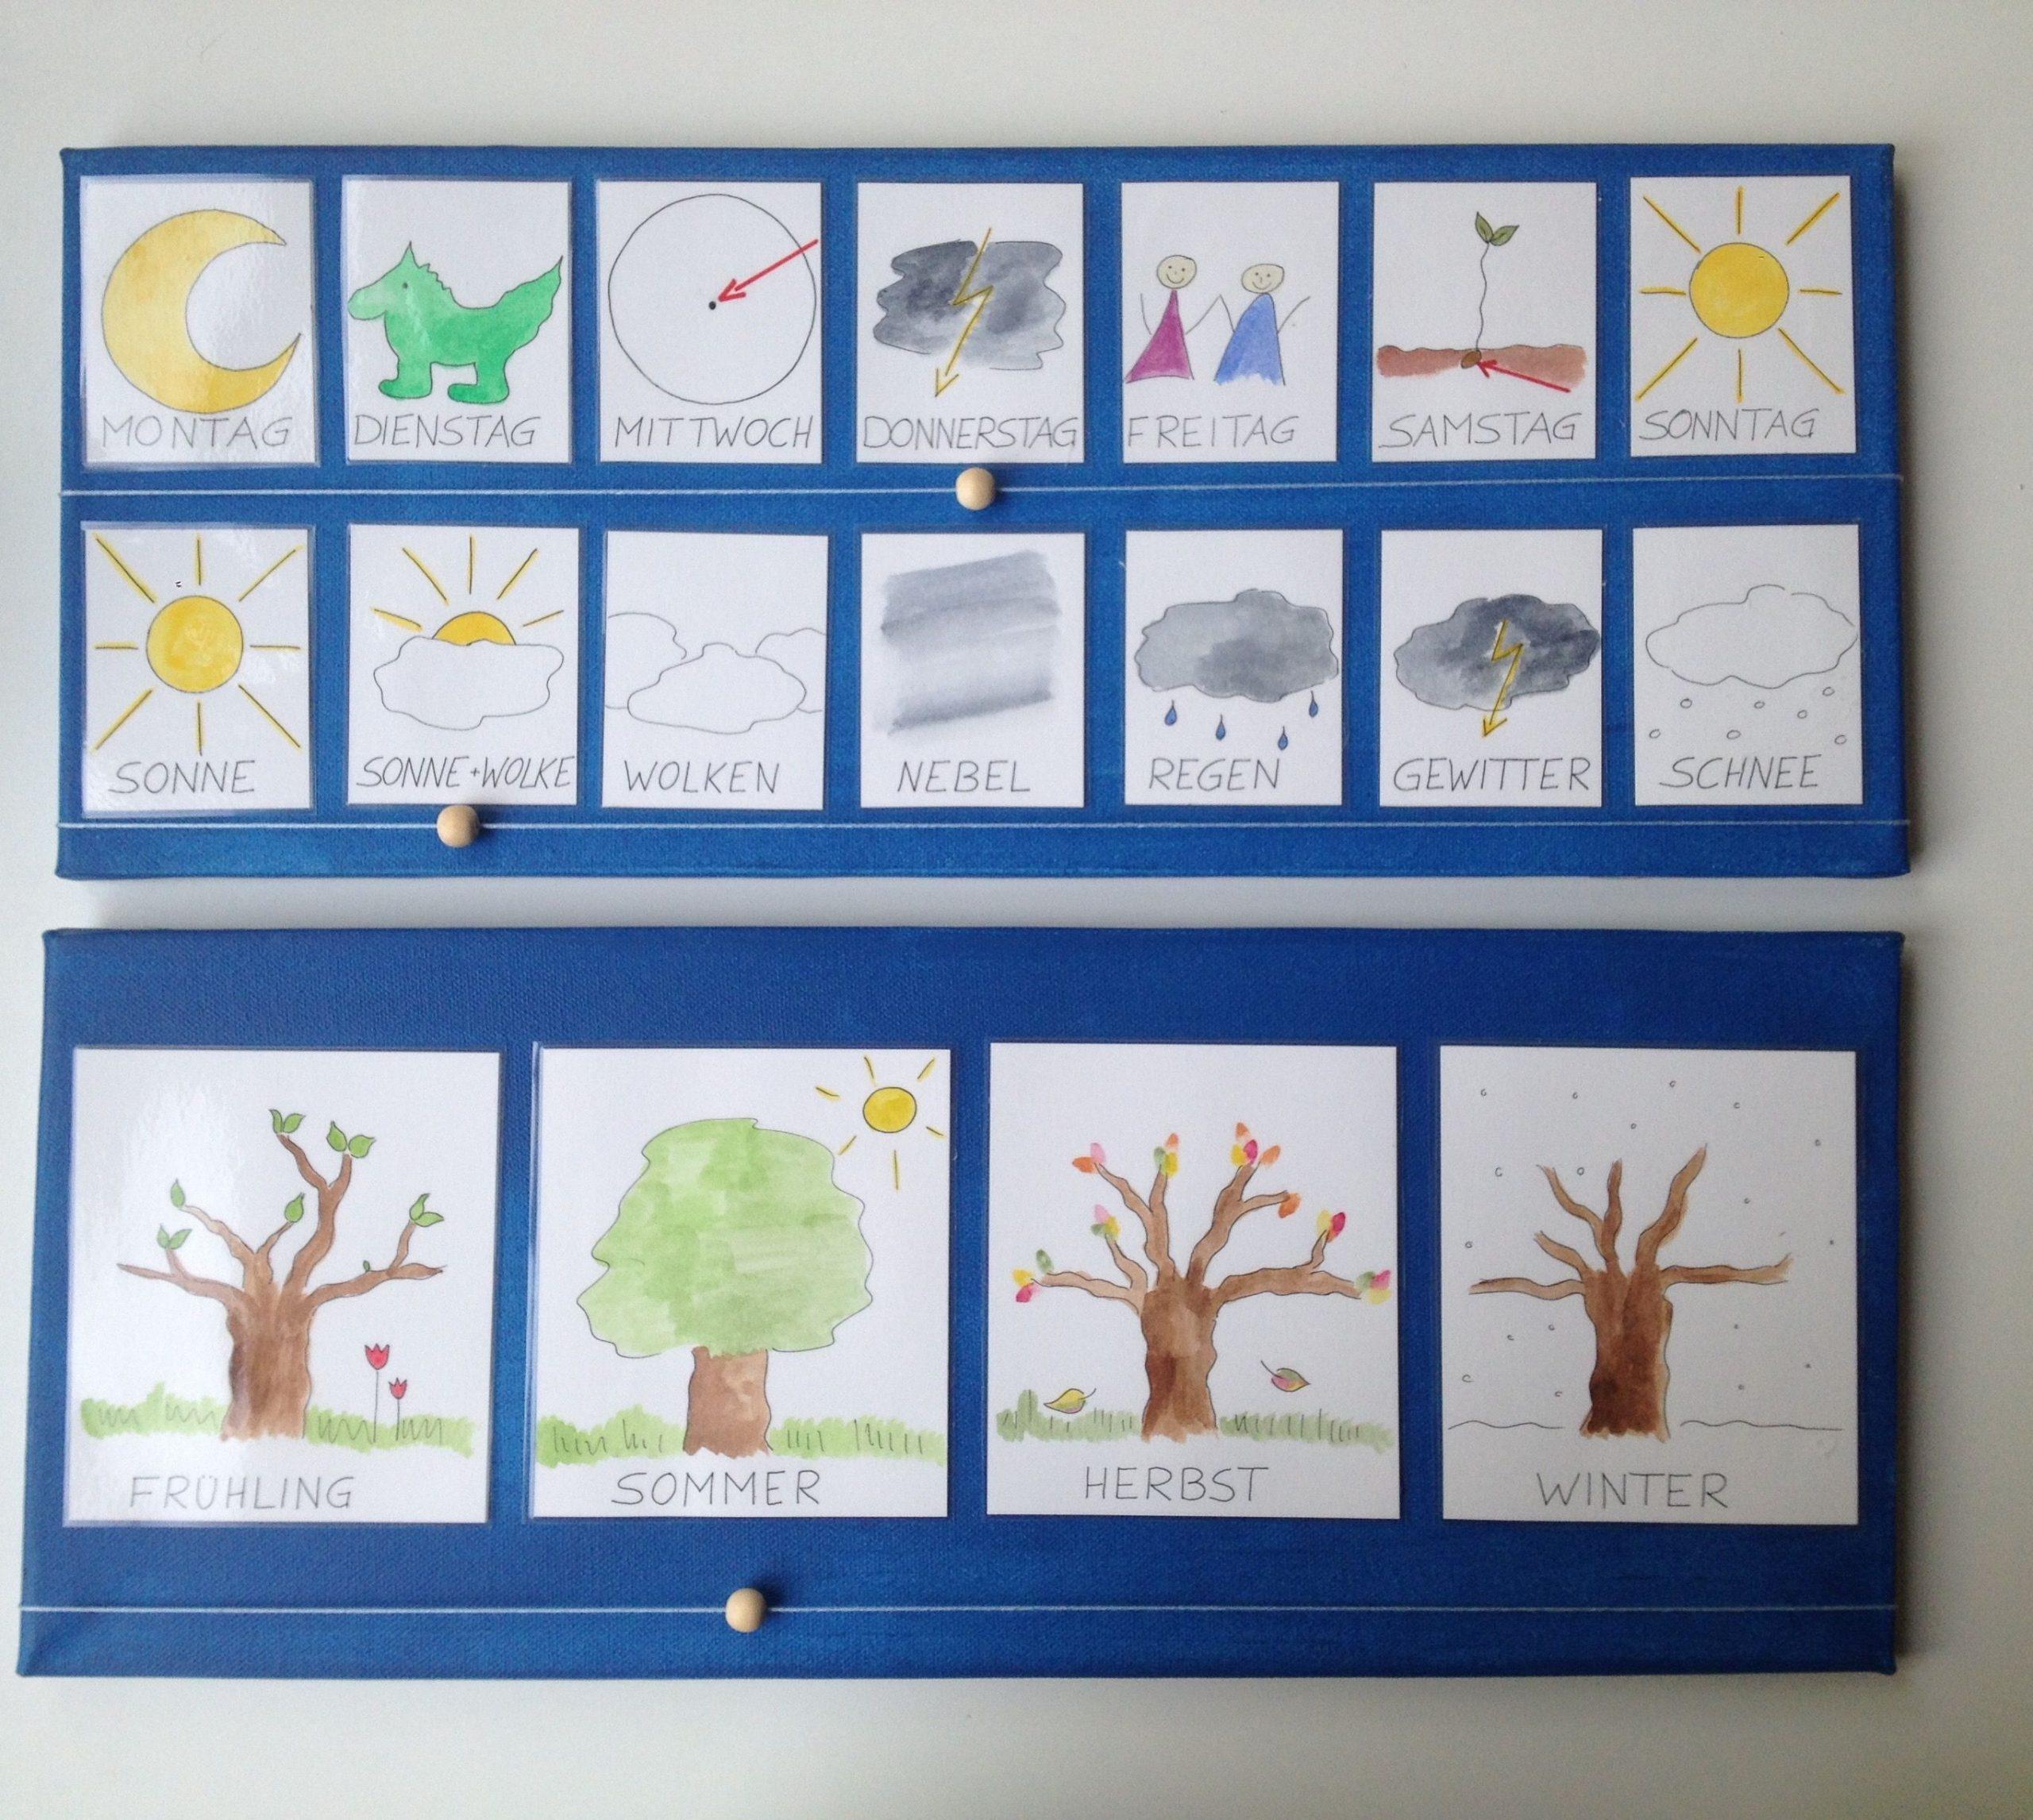 Wochenplan Kindergarten | Kalender Für Kinder, Wochen Planer verwandt mit Kalender Kindergarten